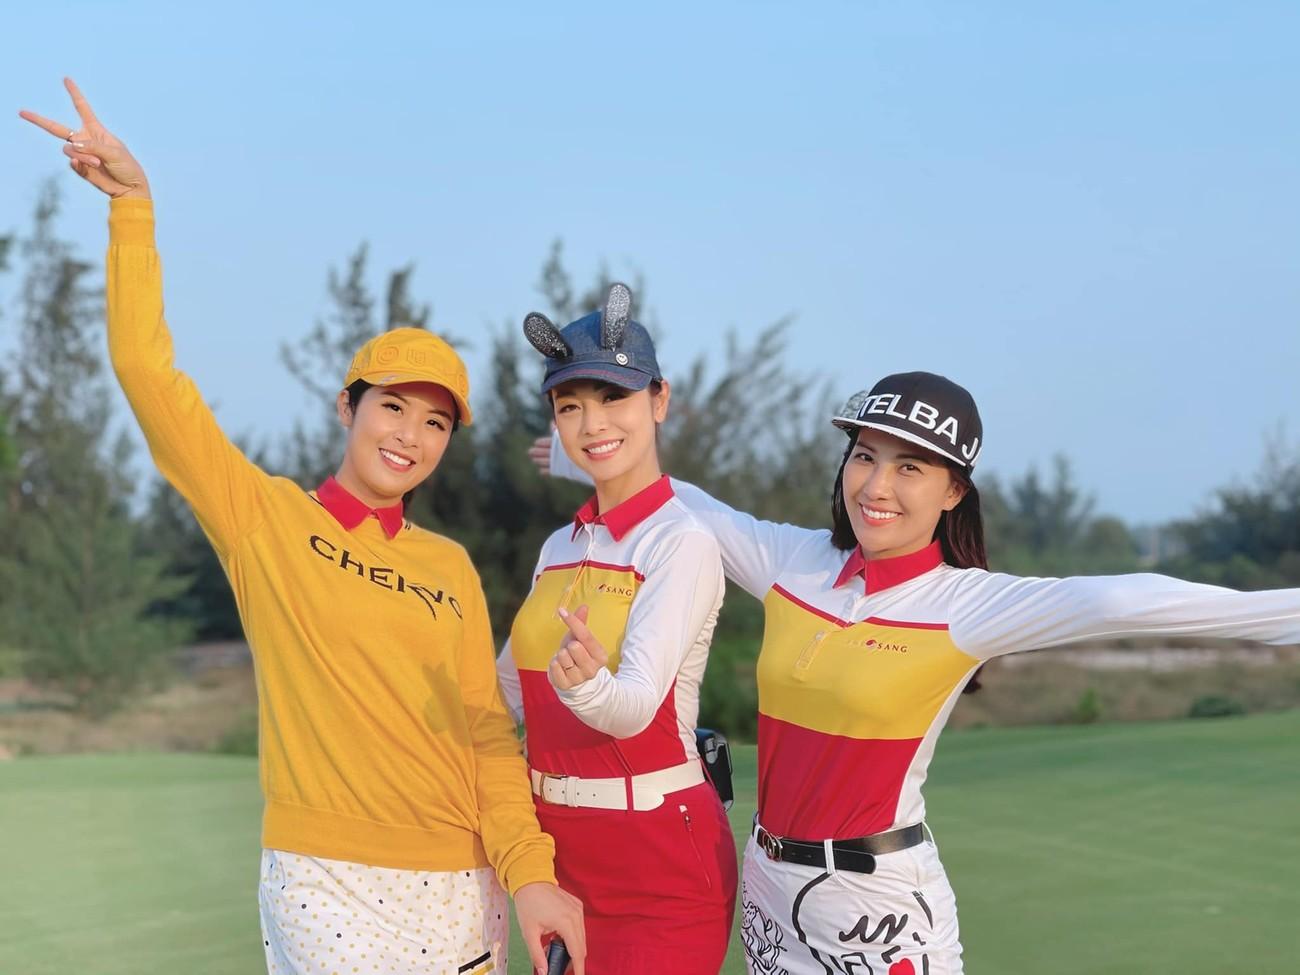 Tiểu Vy mặc giản dị mà 'chất' như fashionista, Khánh Vân khoe vòng một nóng bỏng ảnh 11